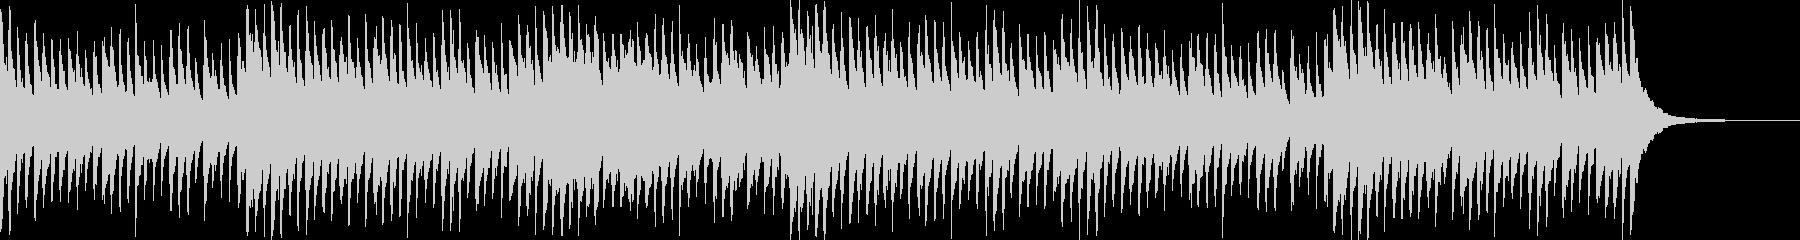 鐘・ベルの音とアコギ クリスマス の未再生の波形